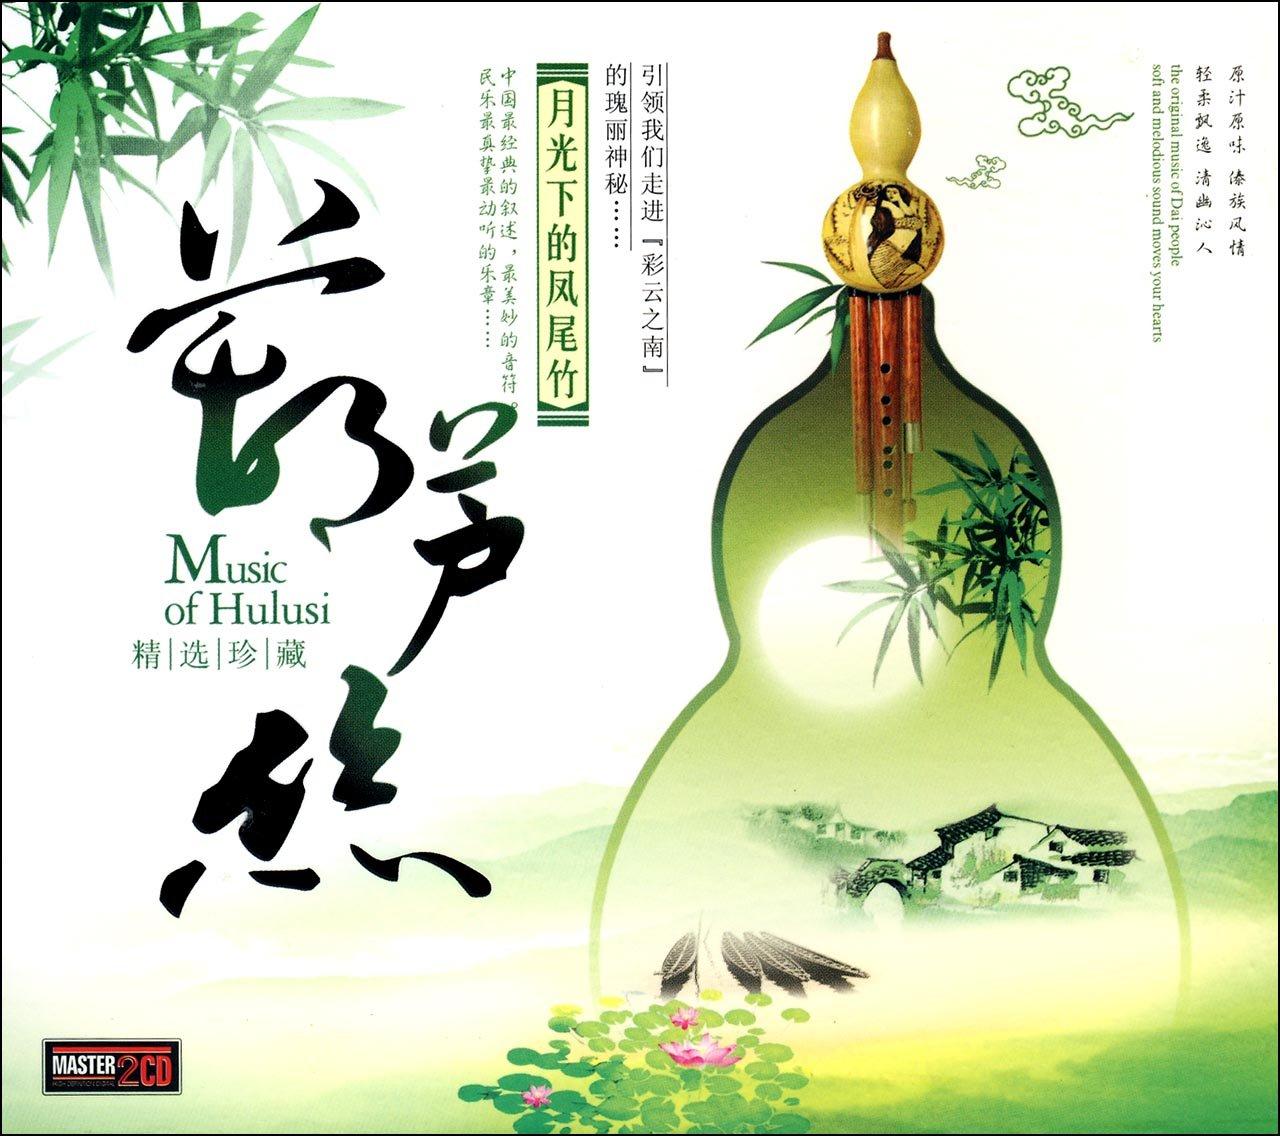 葫芦丝:月光下的凤尾竹(2cd)